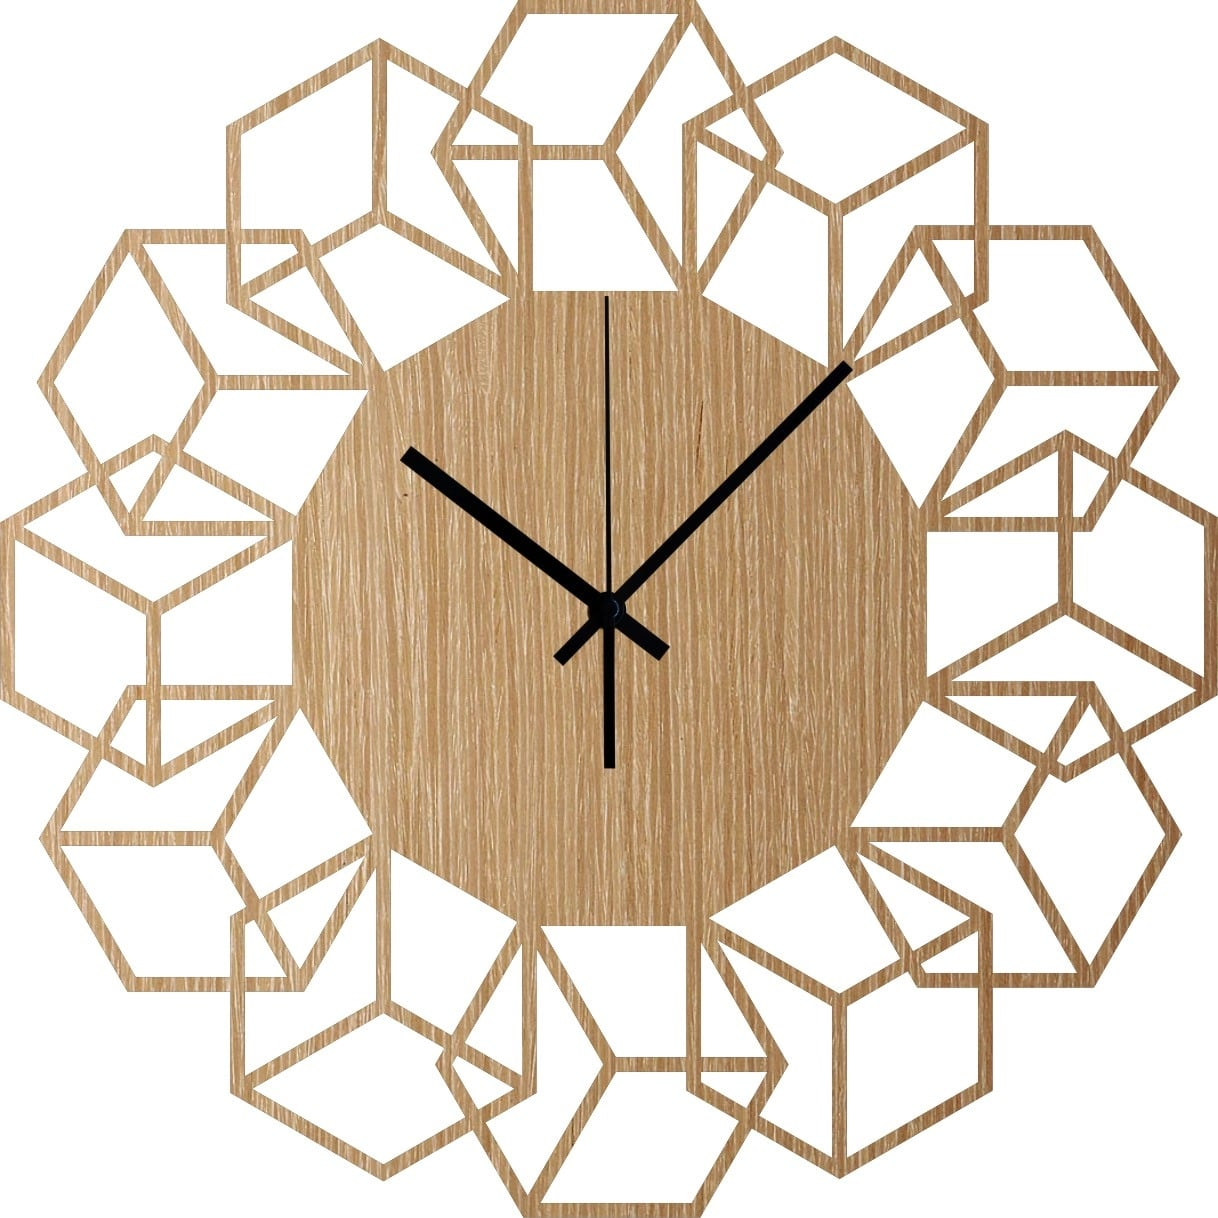 Horloge murale bois moderne au design de cube pour votre intérieur